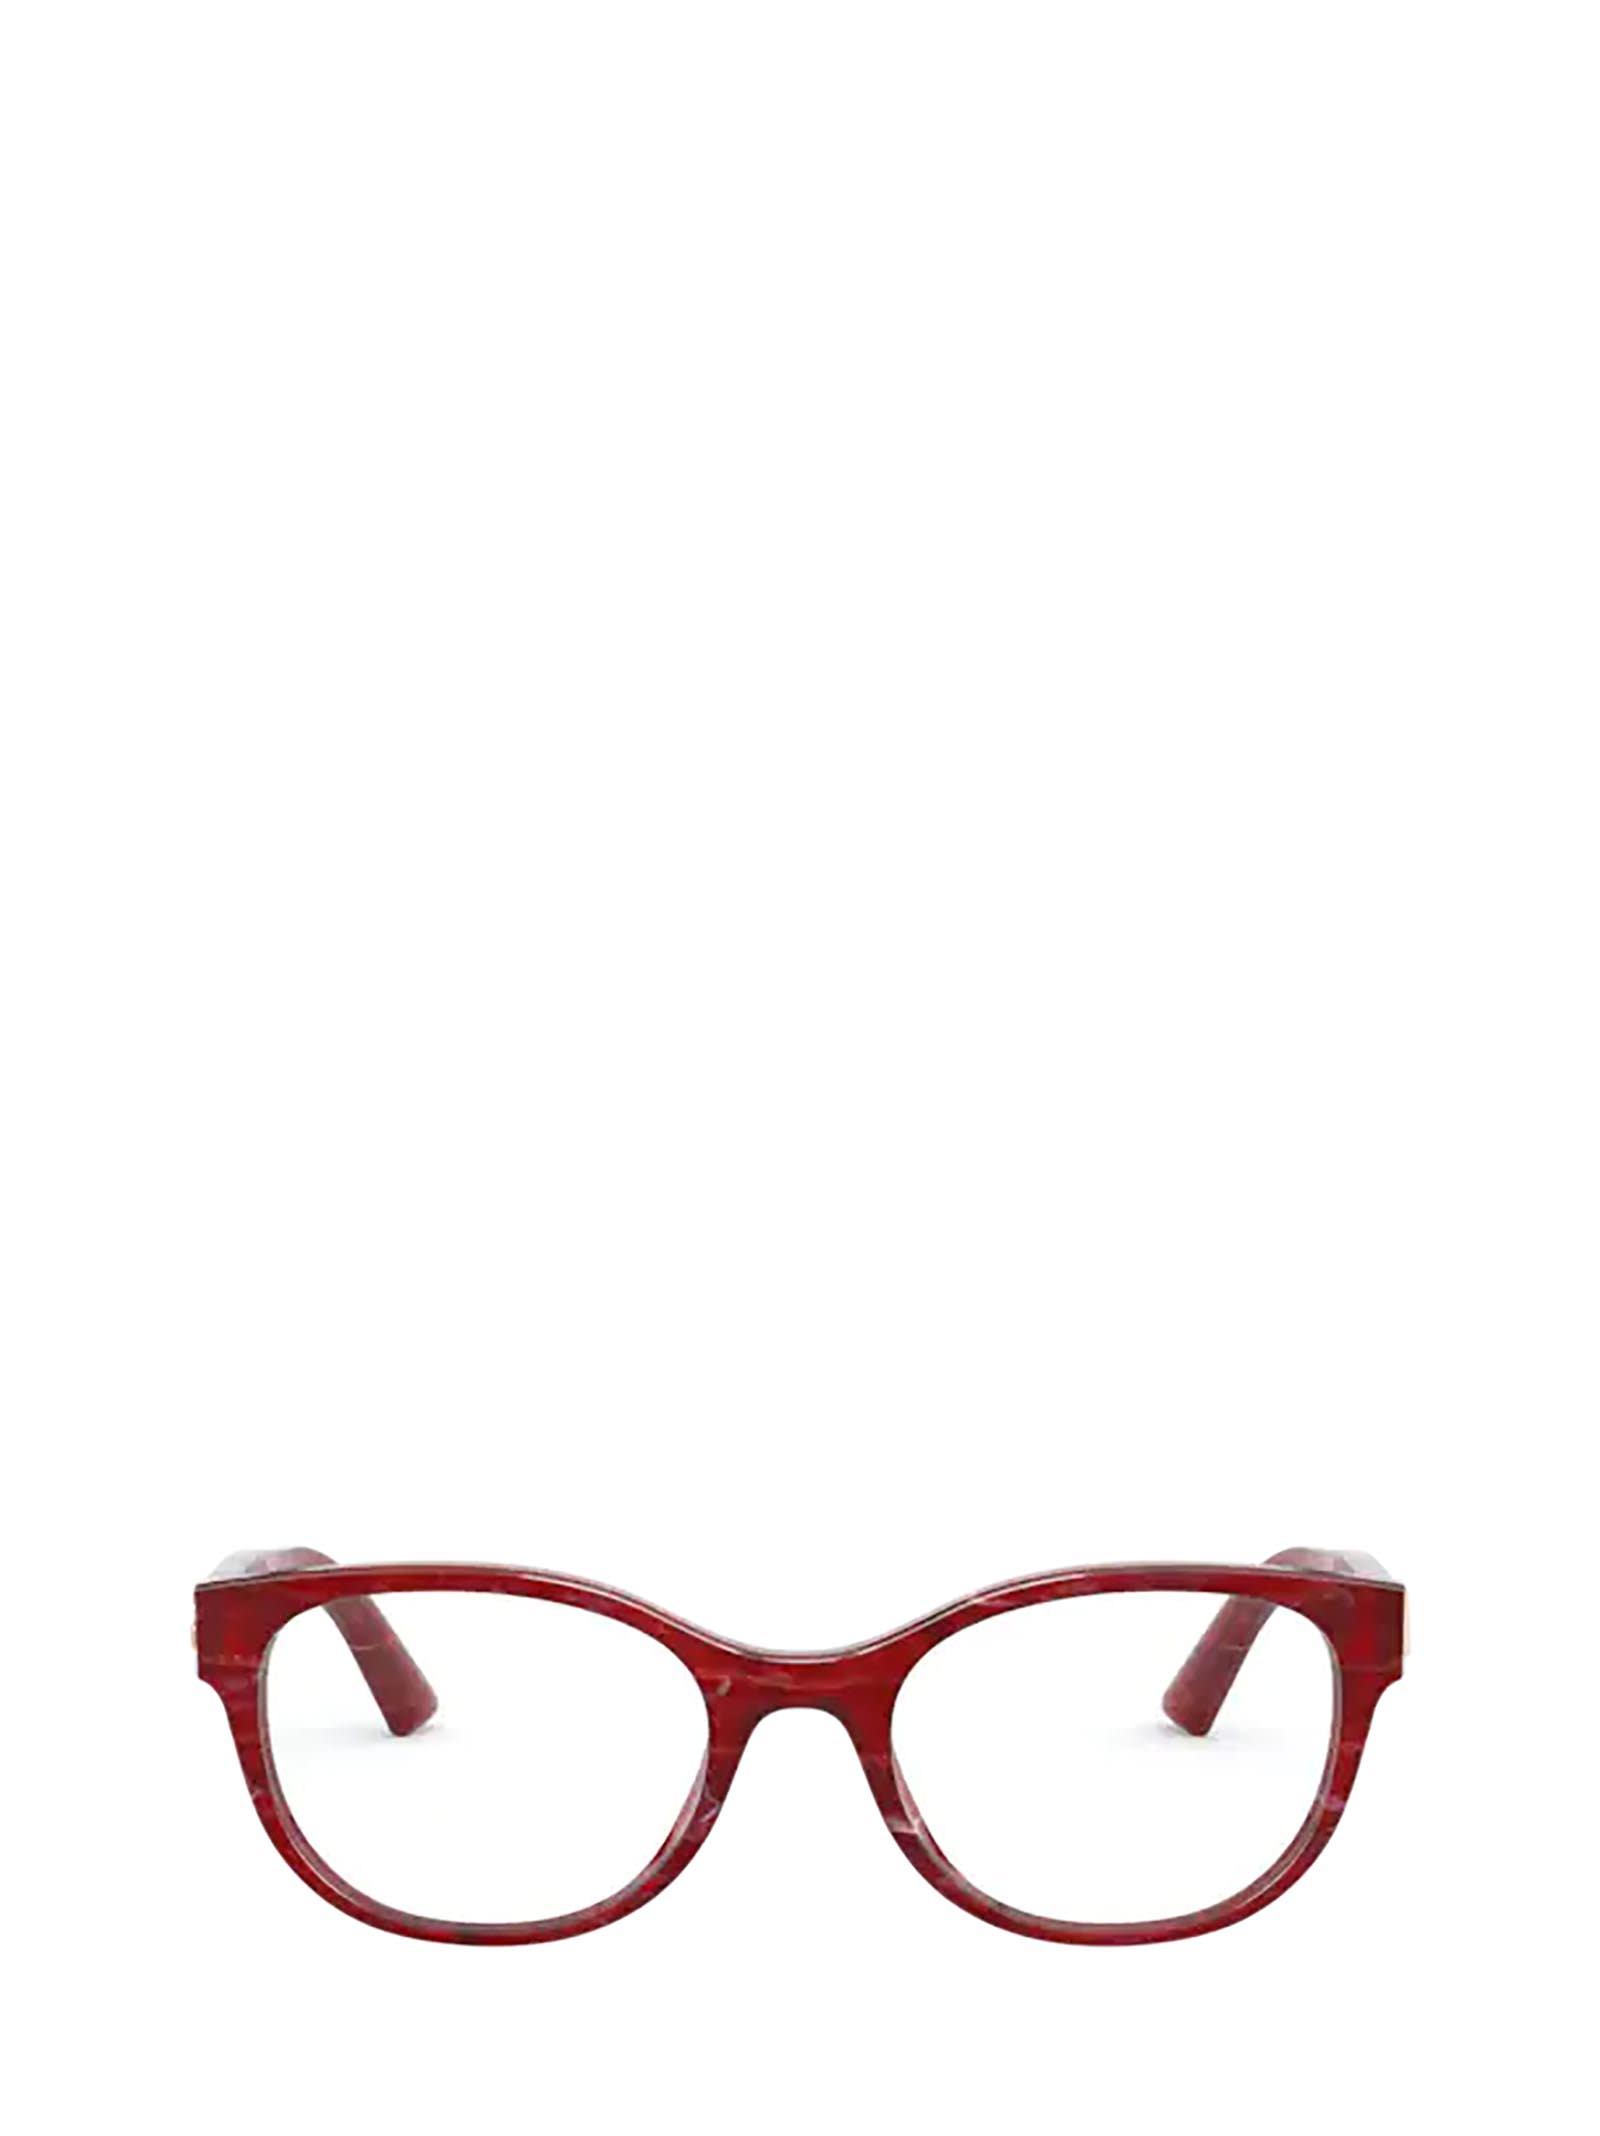 Dolce & Gabbana Dolce & Gabbana Dg3327 3252 Glasses